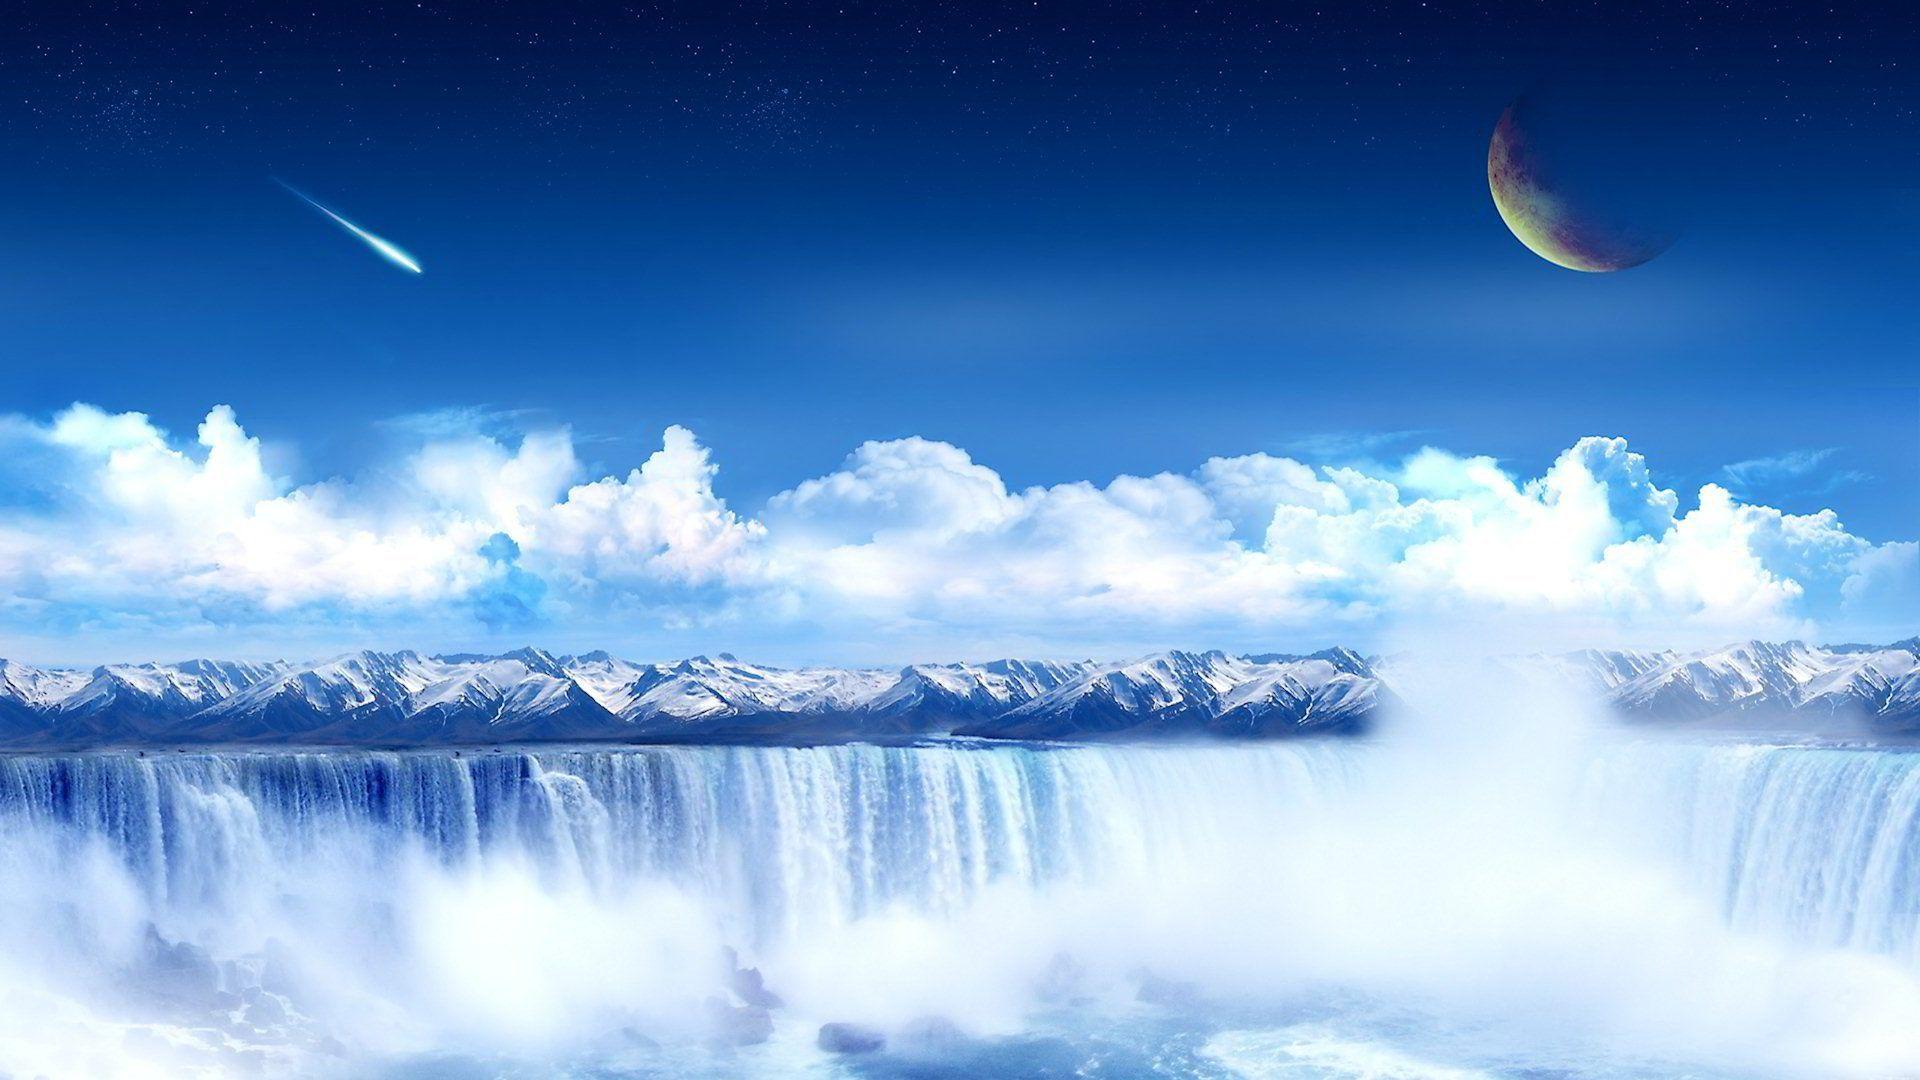 Sci Fi Landscape 0008 Waterfall Wallpaper Landscape Wallpaper Cool Landscapes